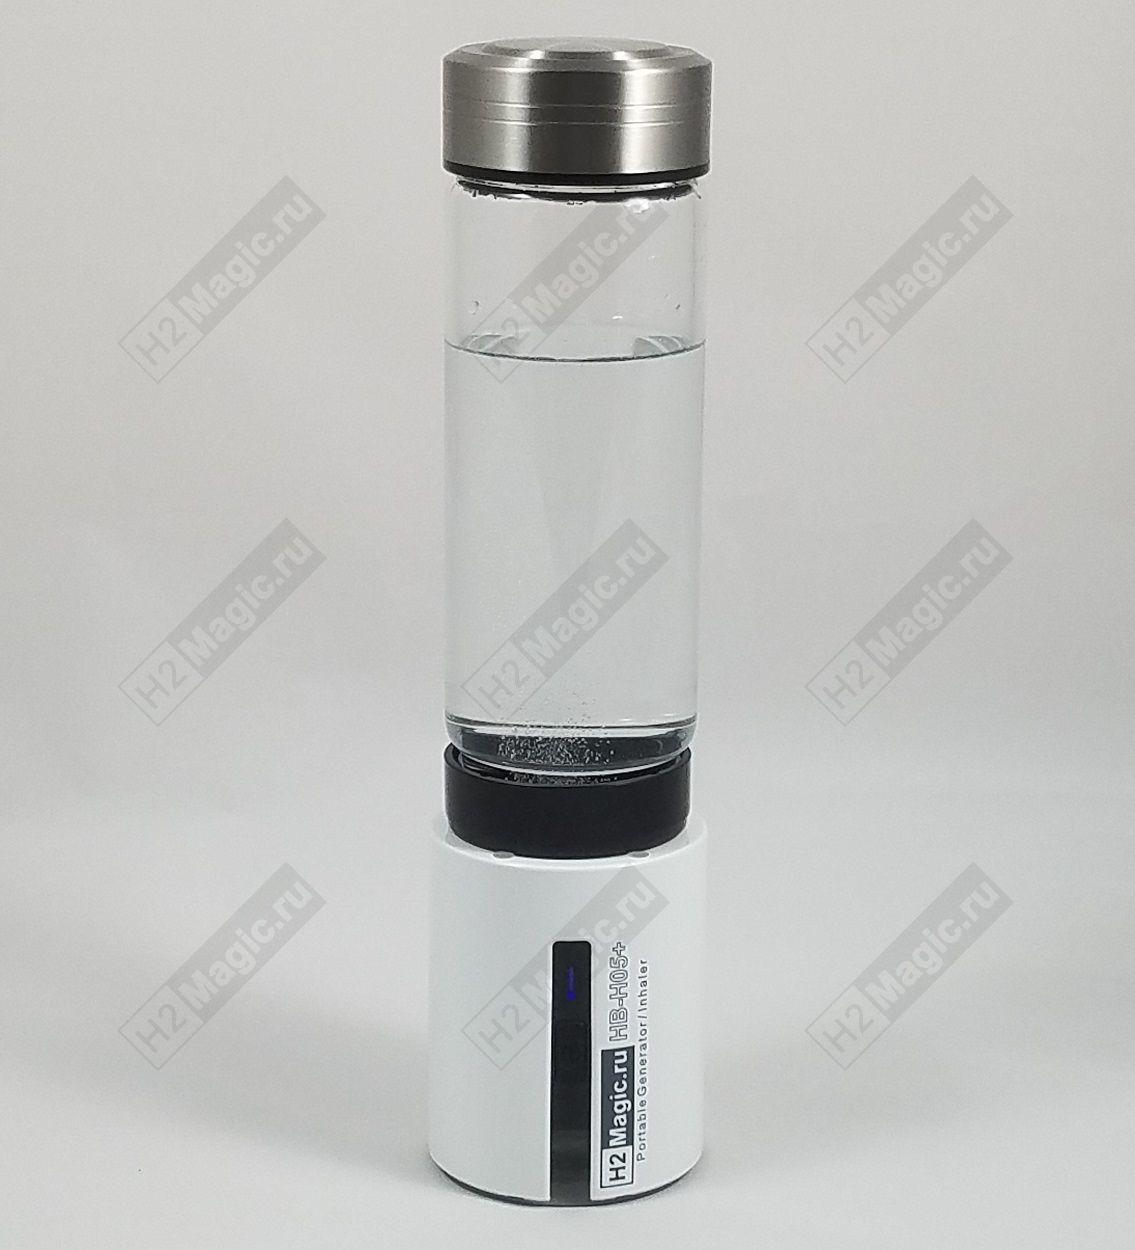 Генератор/Ингалятор водорода H2Magic H05+LE (N117Pt) Стекло 450 мл, ПЭТ 24/28, Звук